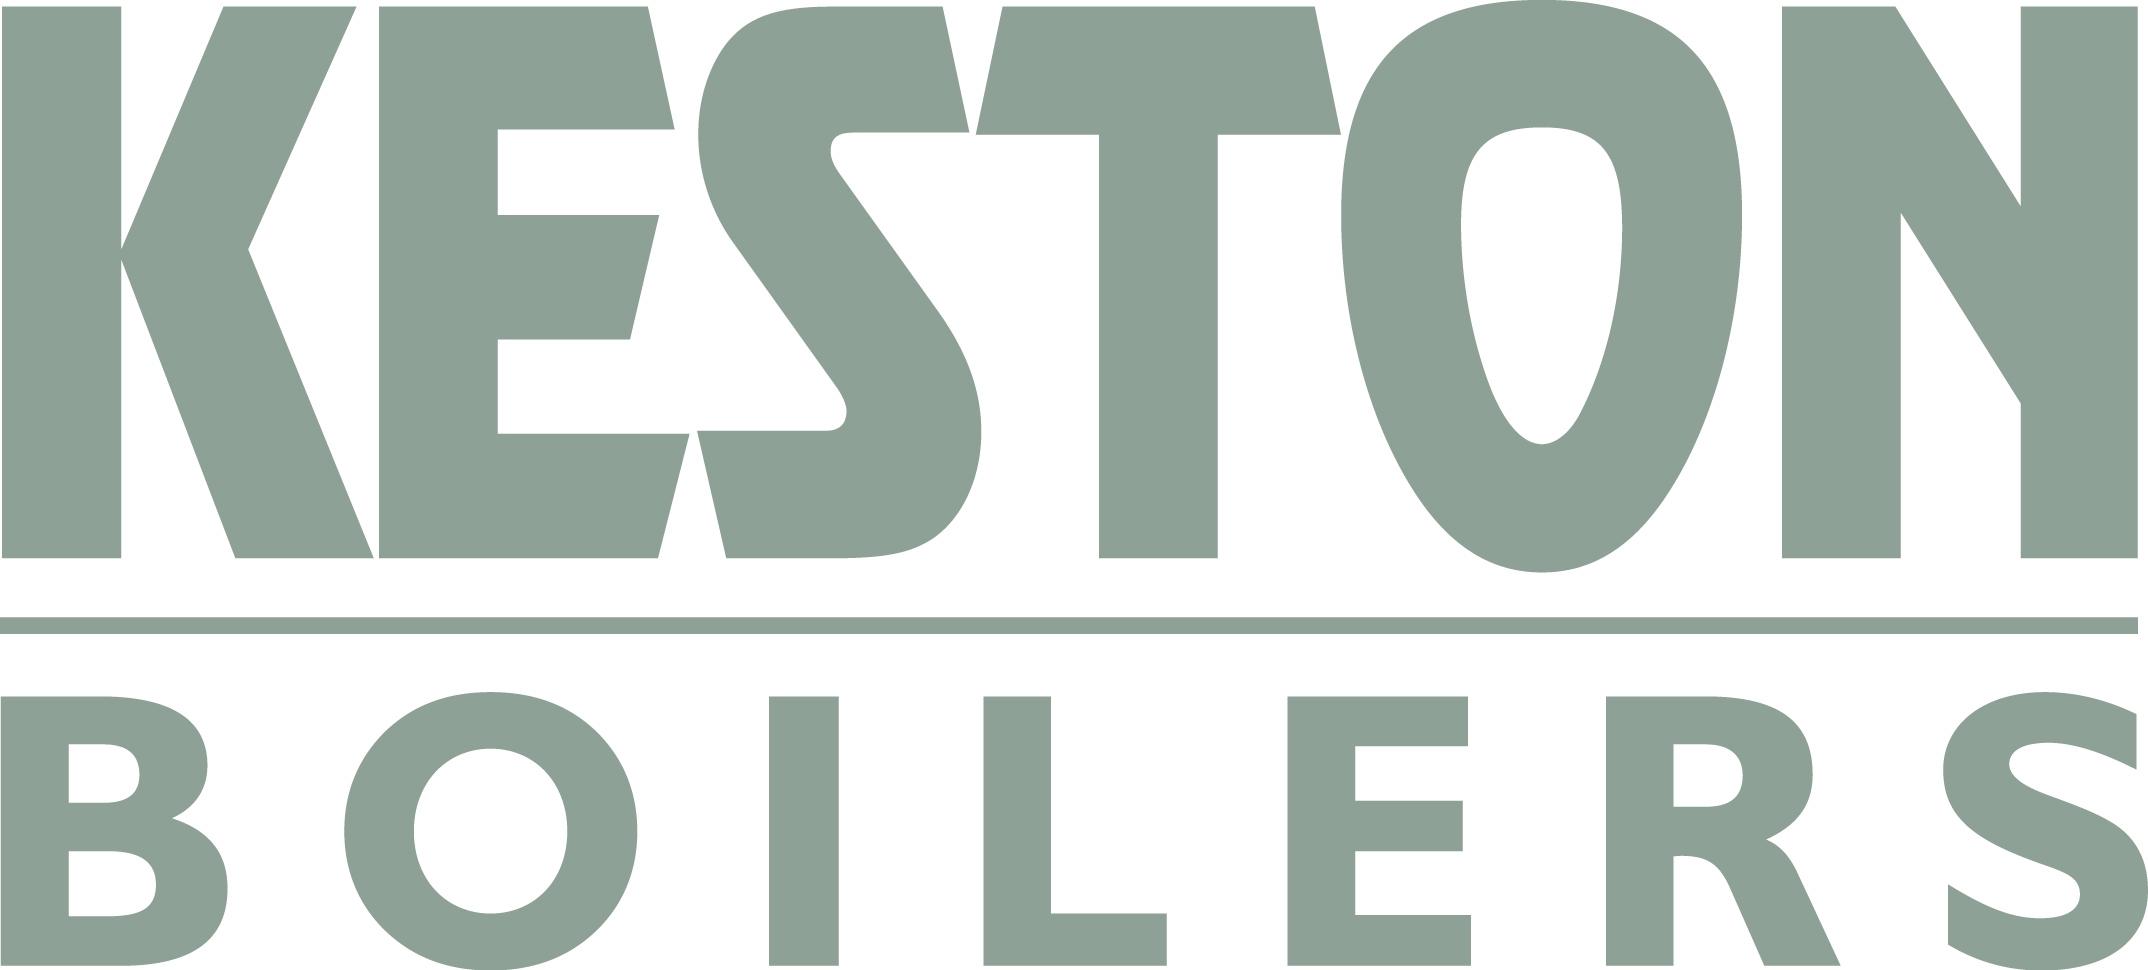 KESTON-LOGO